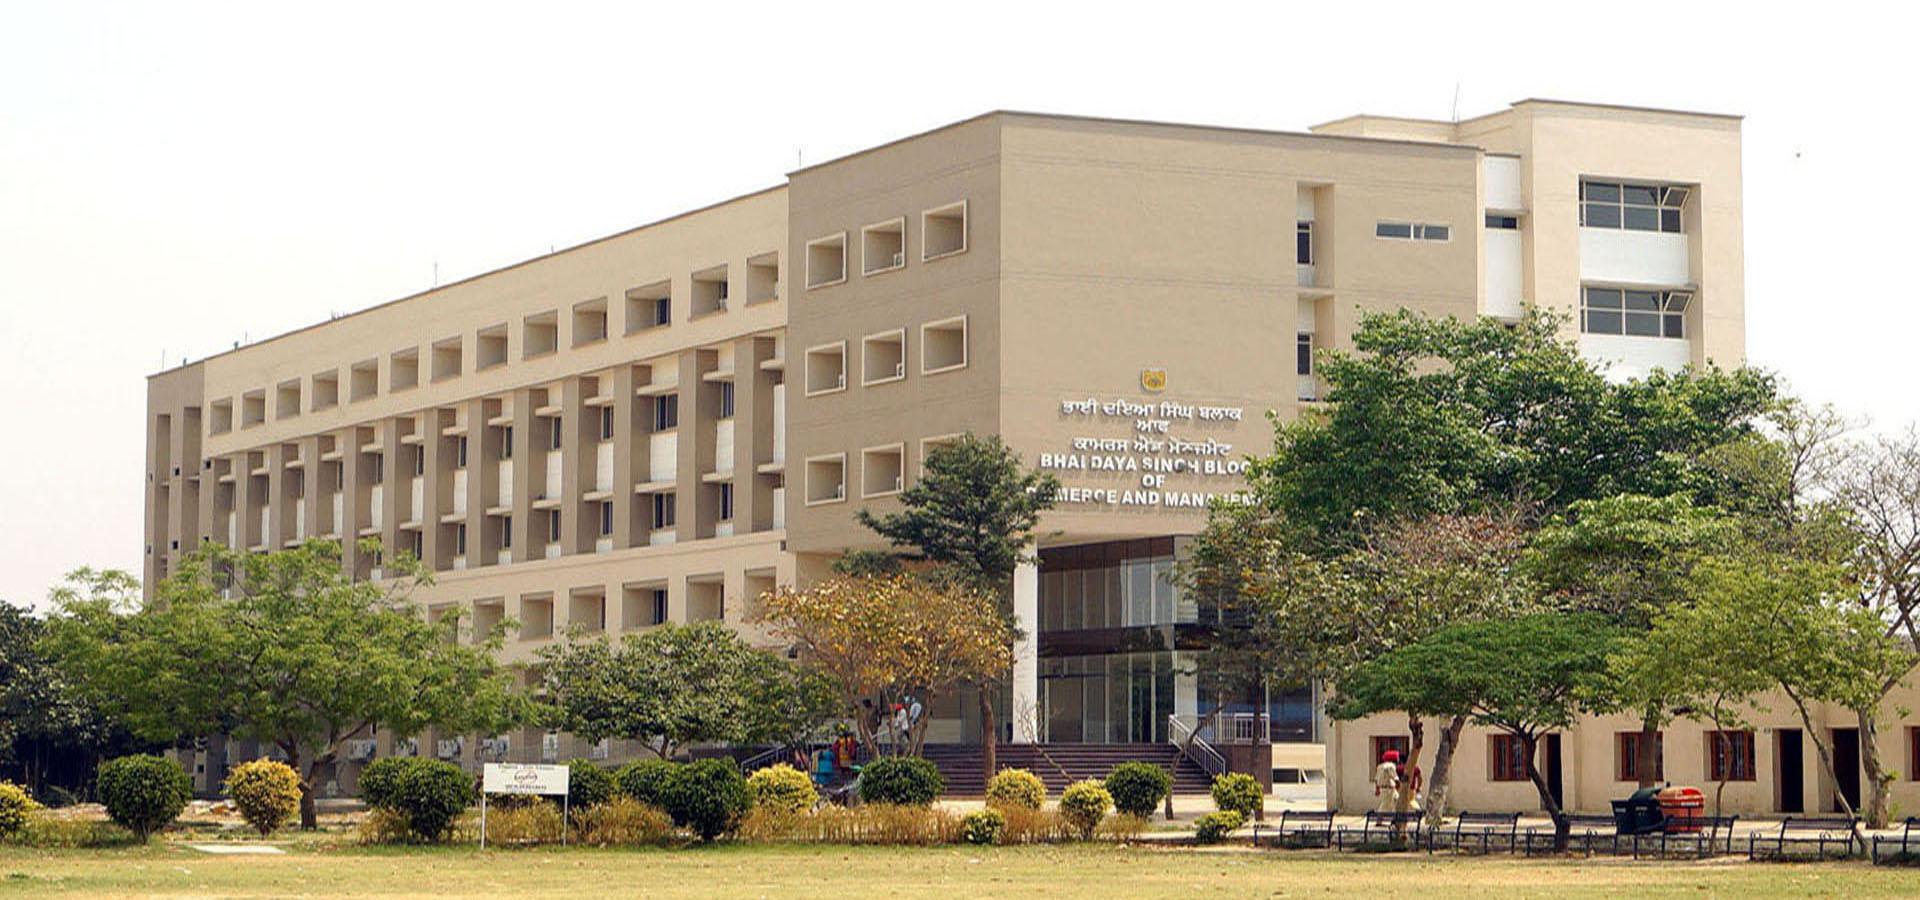 General Shivdev Singh Diwan Gurbachan Singh Khalsa College, Patiala